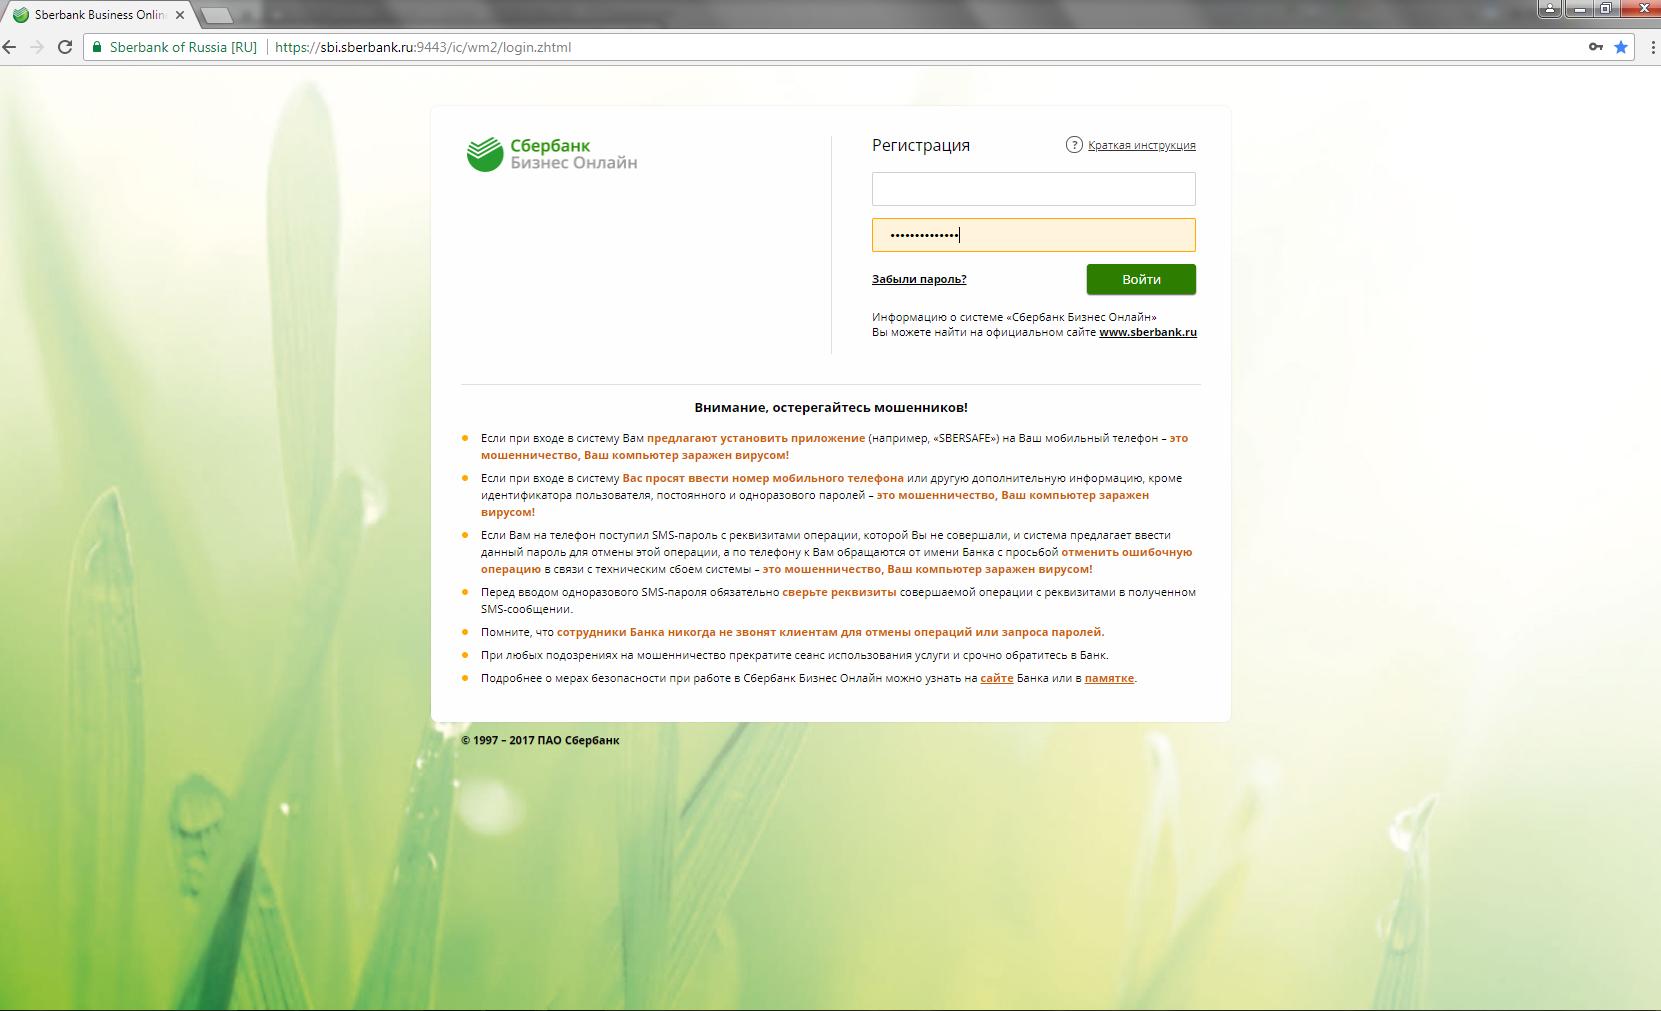 сбербанк официальный сайт в санкт-петербурге телефон займ мкк мфо карта онлайн круглосуточно